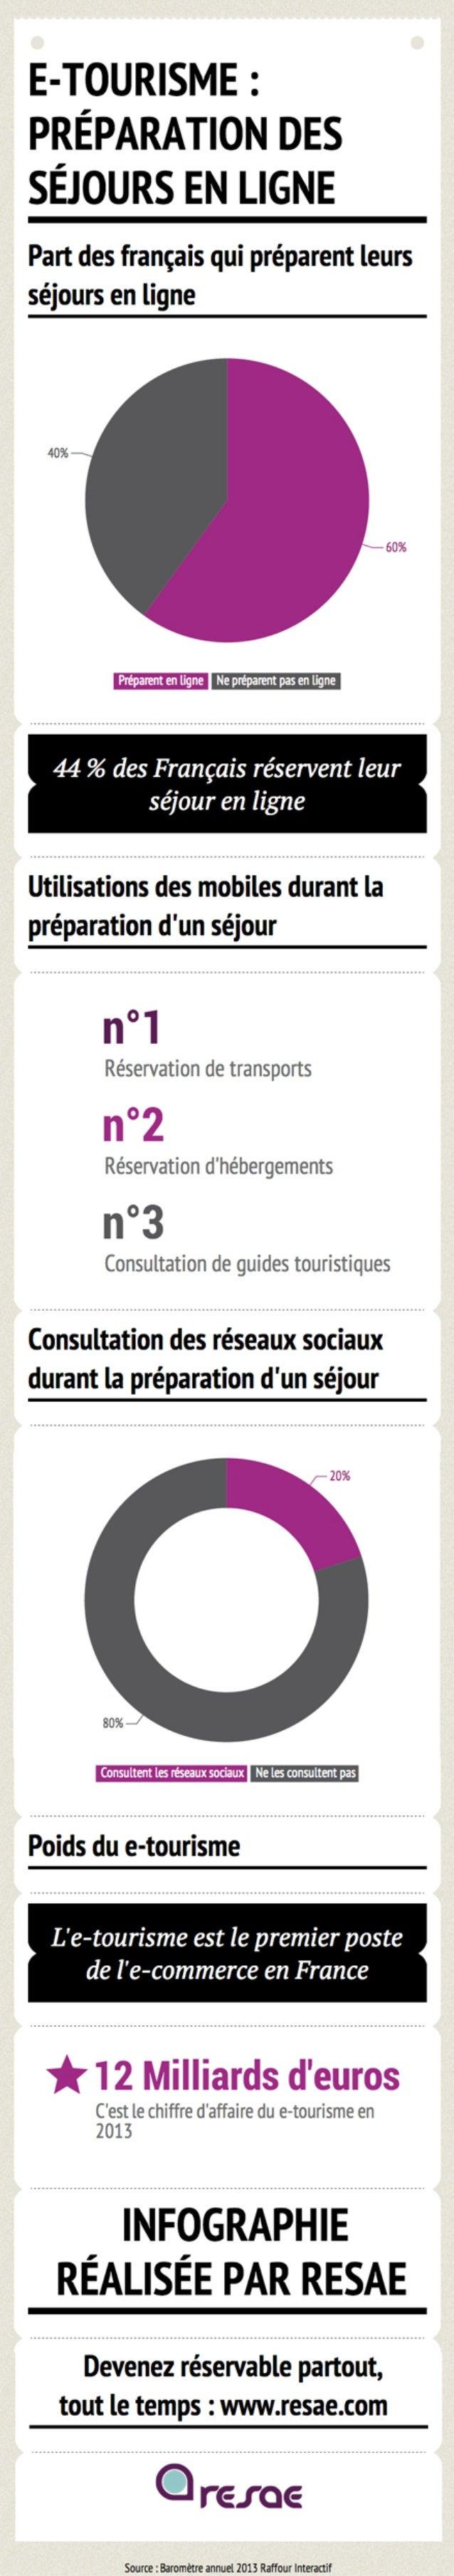 [Infographie] E-tourisme : préparation des séjours en ligne